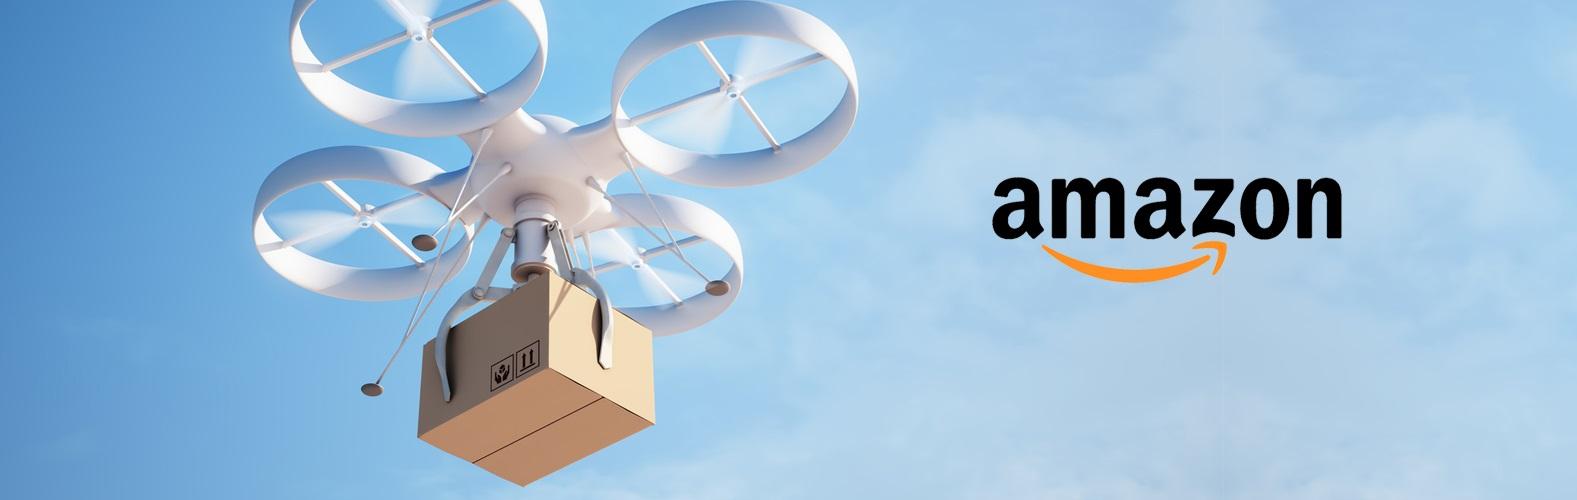 Automatisation de la Supply chain : l'exemple Amazon